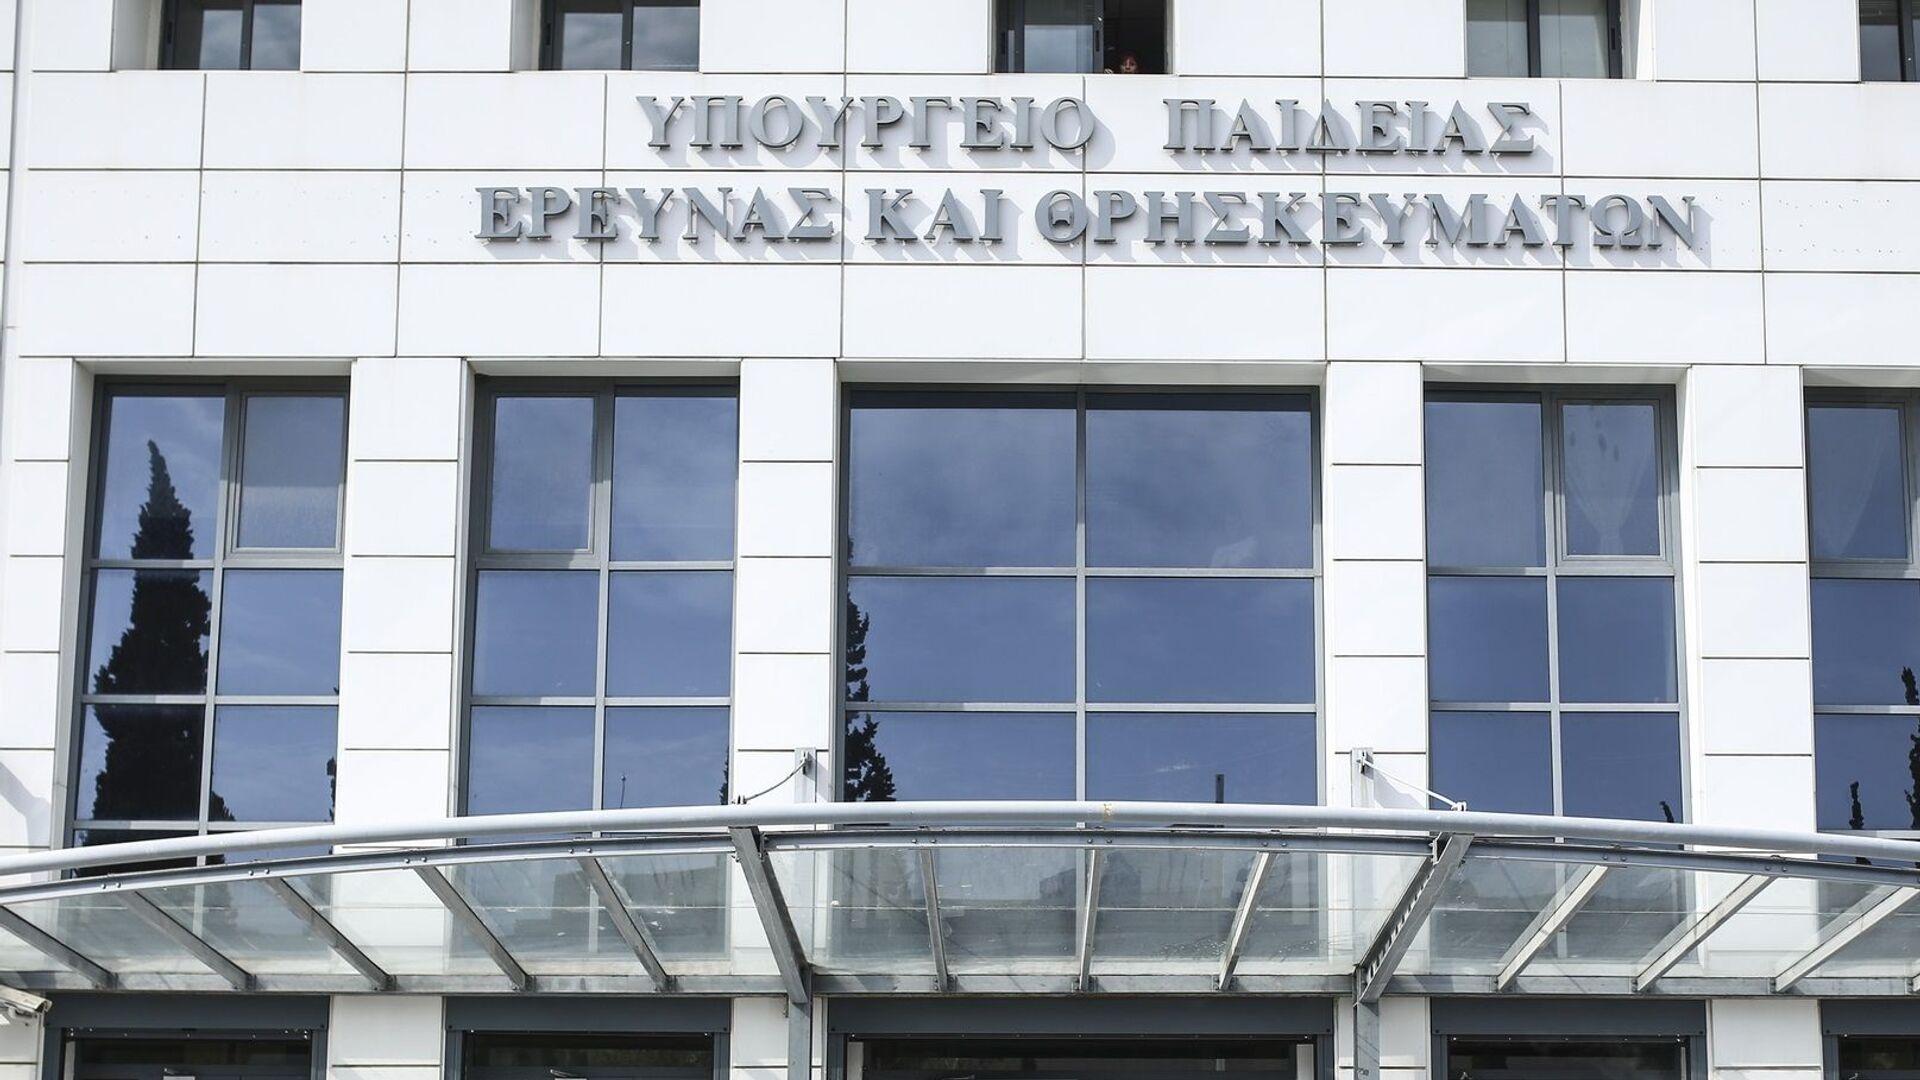 Το υπουργείο Παιδείας - Sputnik Ελλάδα, 1920, 19.09.2021